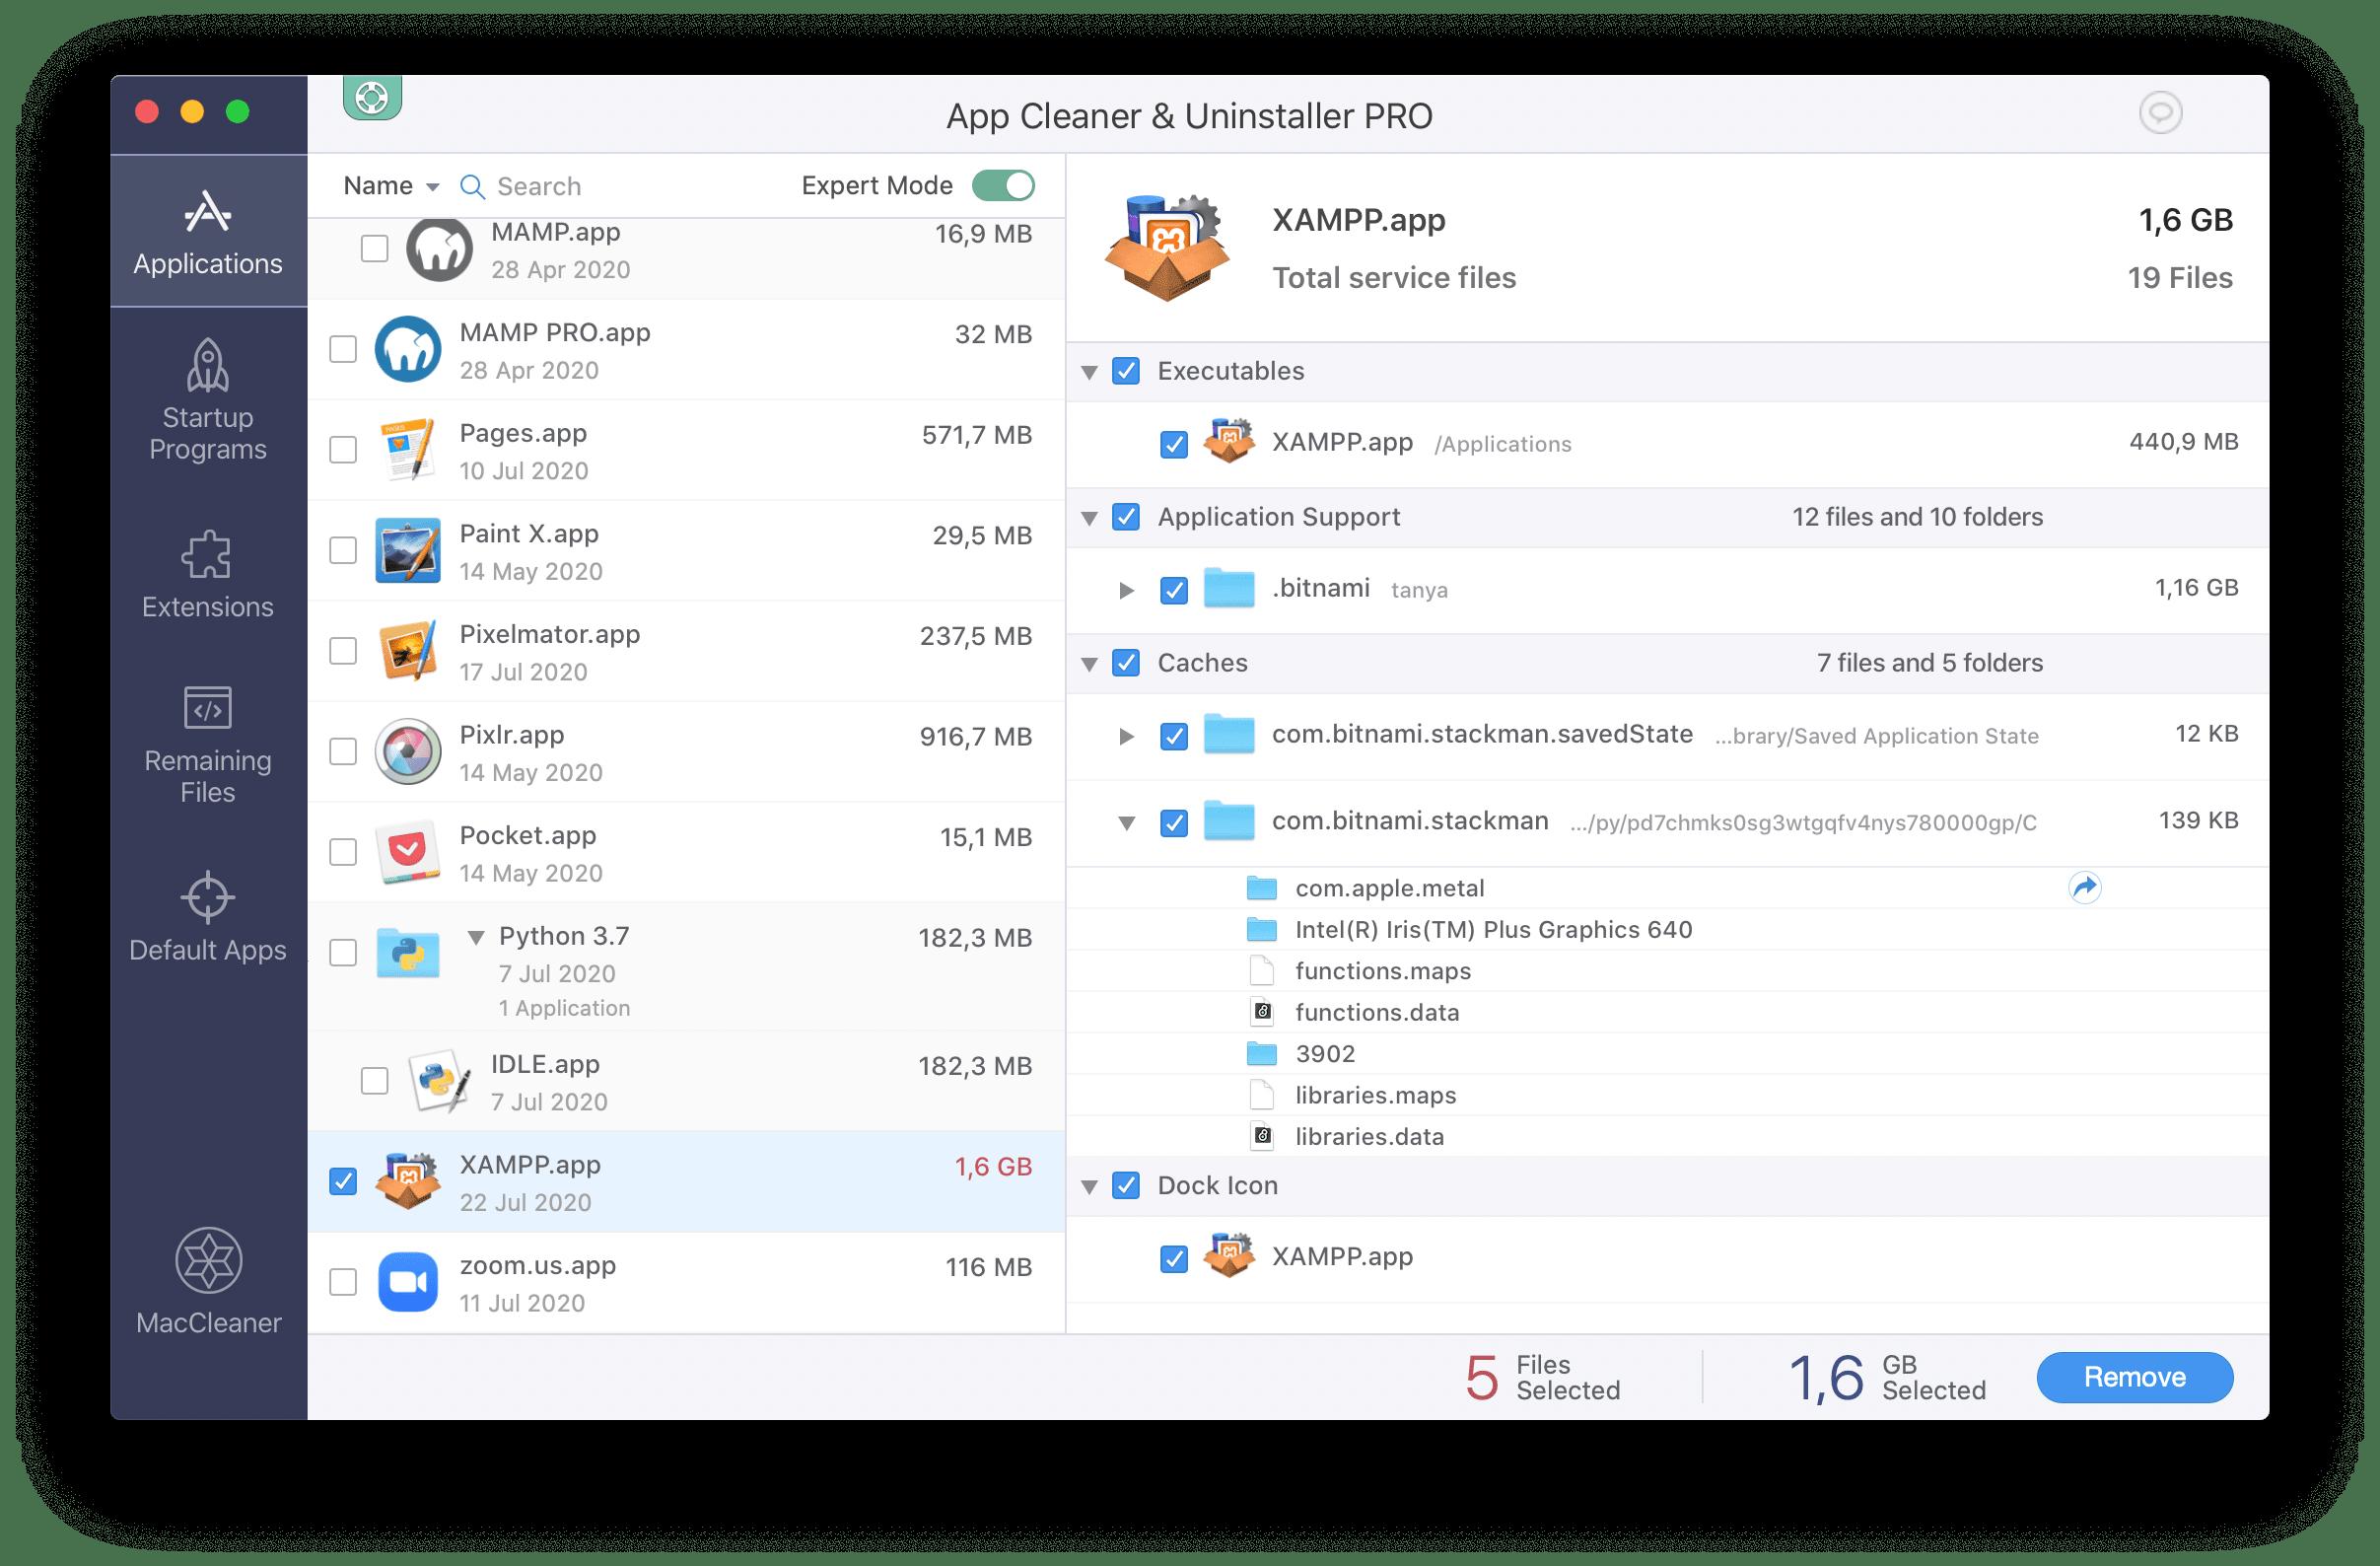 uninstalling xampp with app cleaner